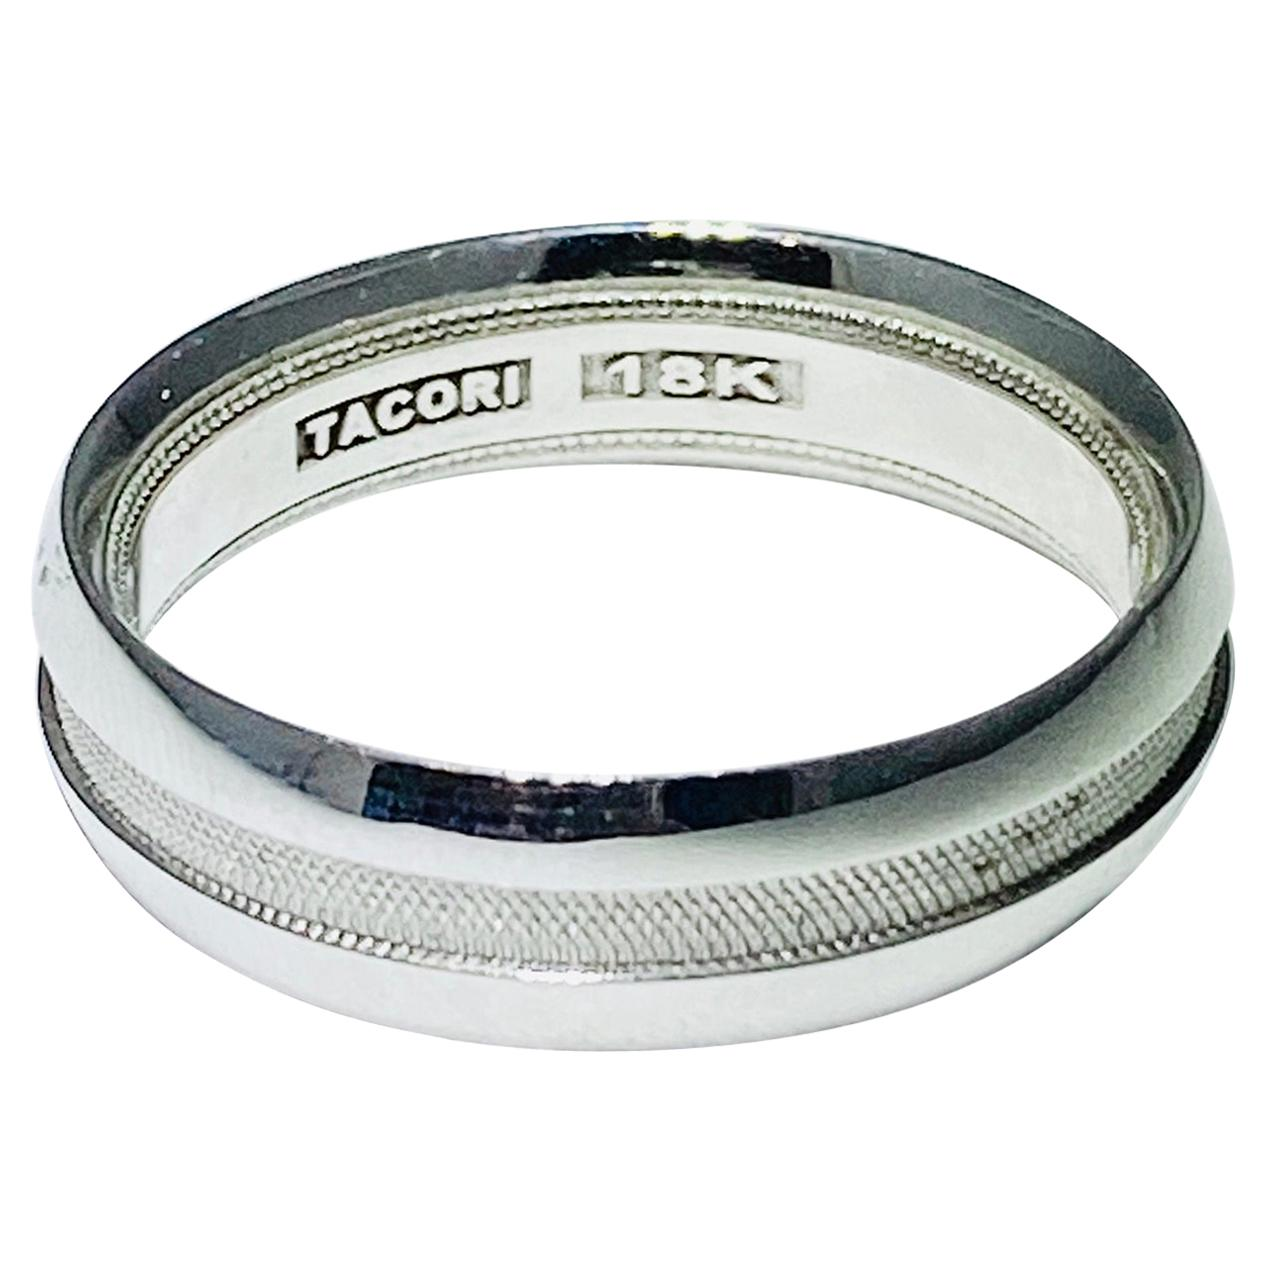 Tacori Men's Band 18 Karat White Gold Diamond Tacori Wedding Ring Band